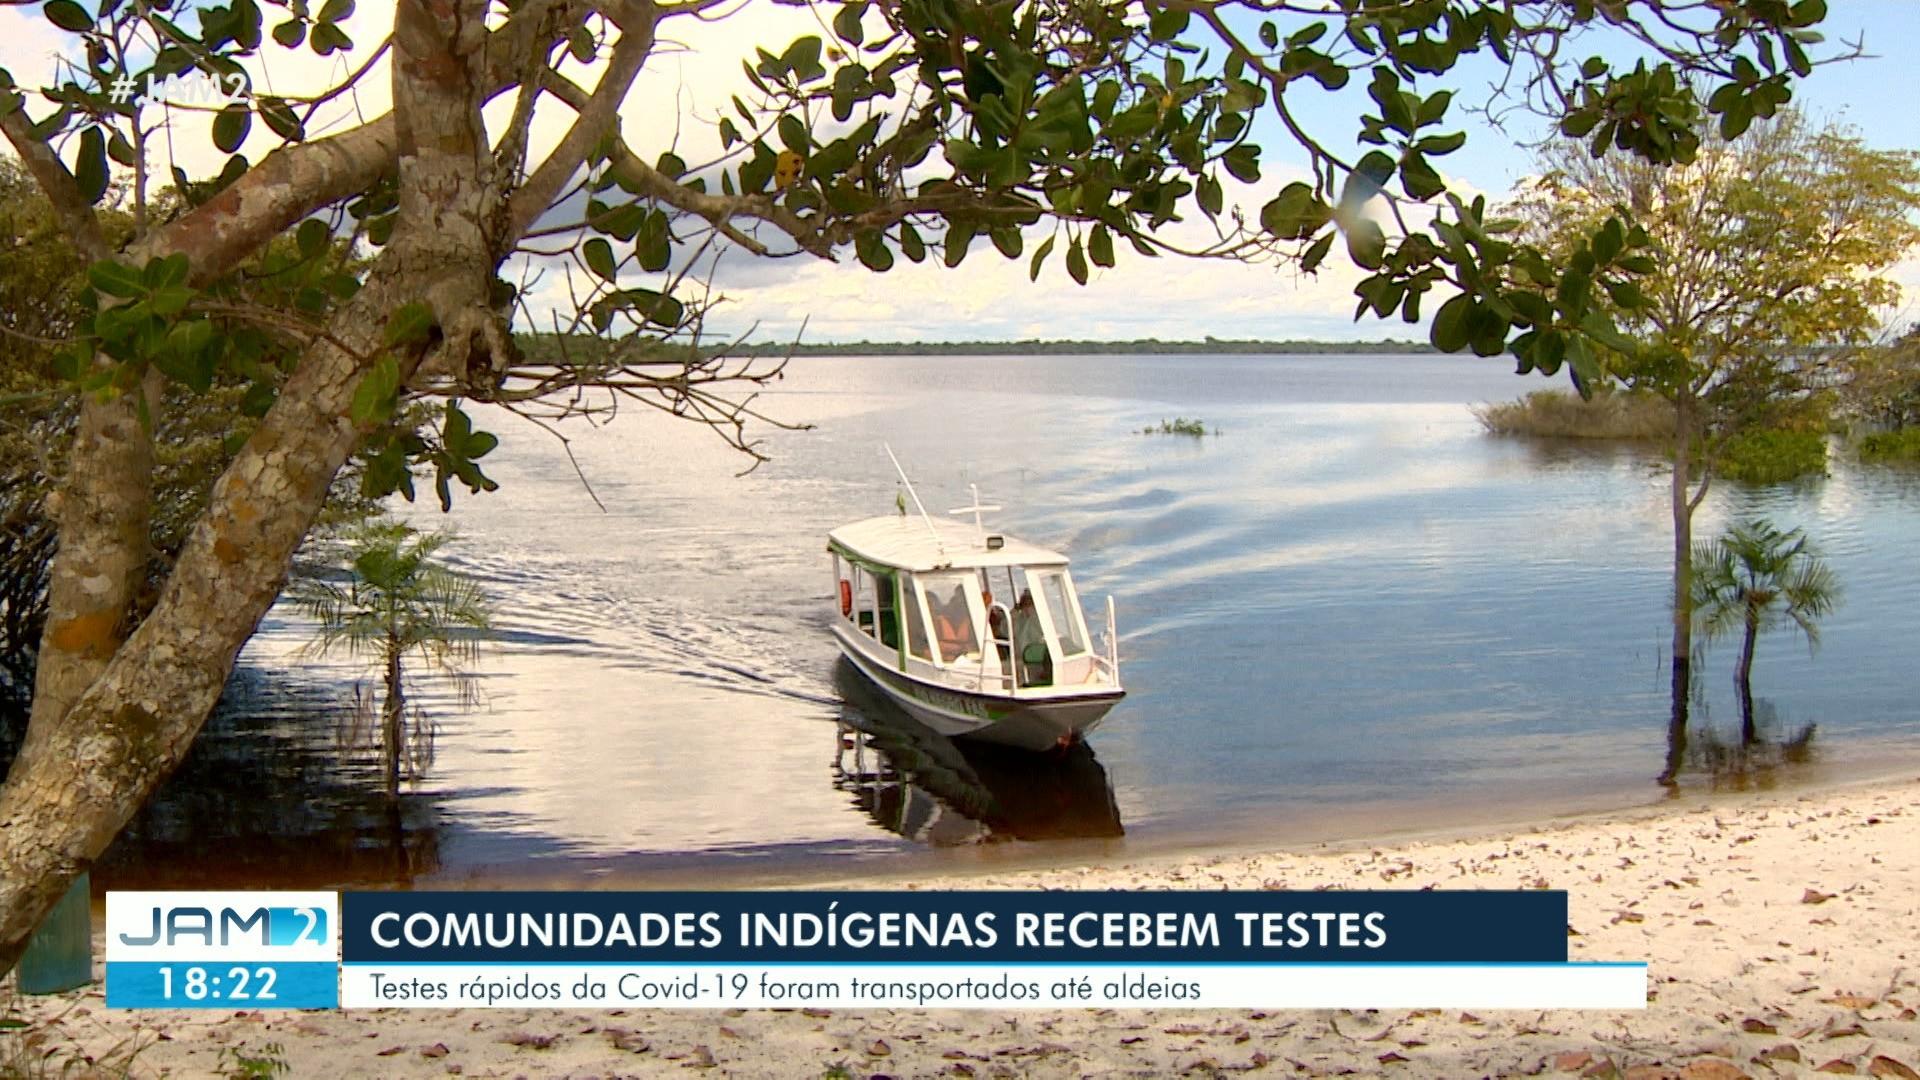 VÍDEOS: Comunidades rurais no AM recebem 200 testes rápidos para diagnóstico da Covid-19; veja outros destaques do JAM 2